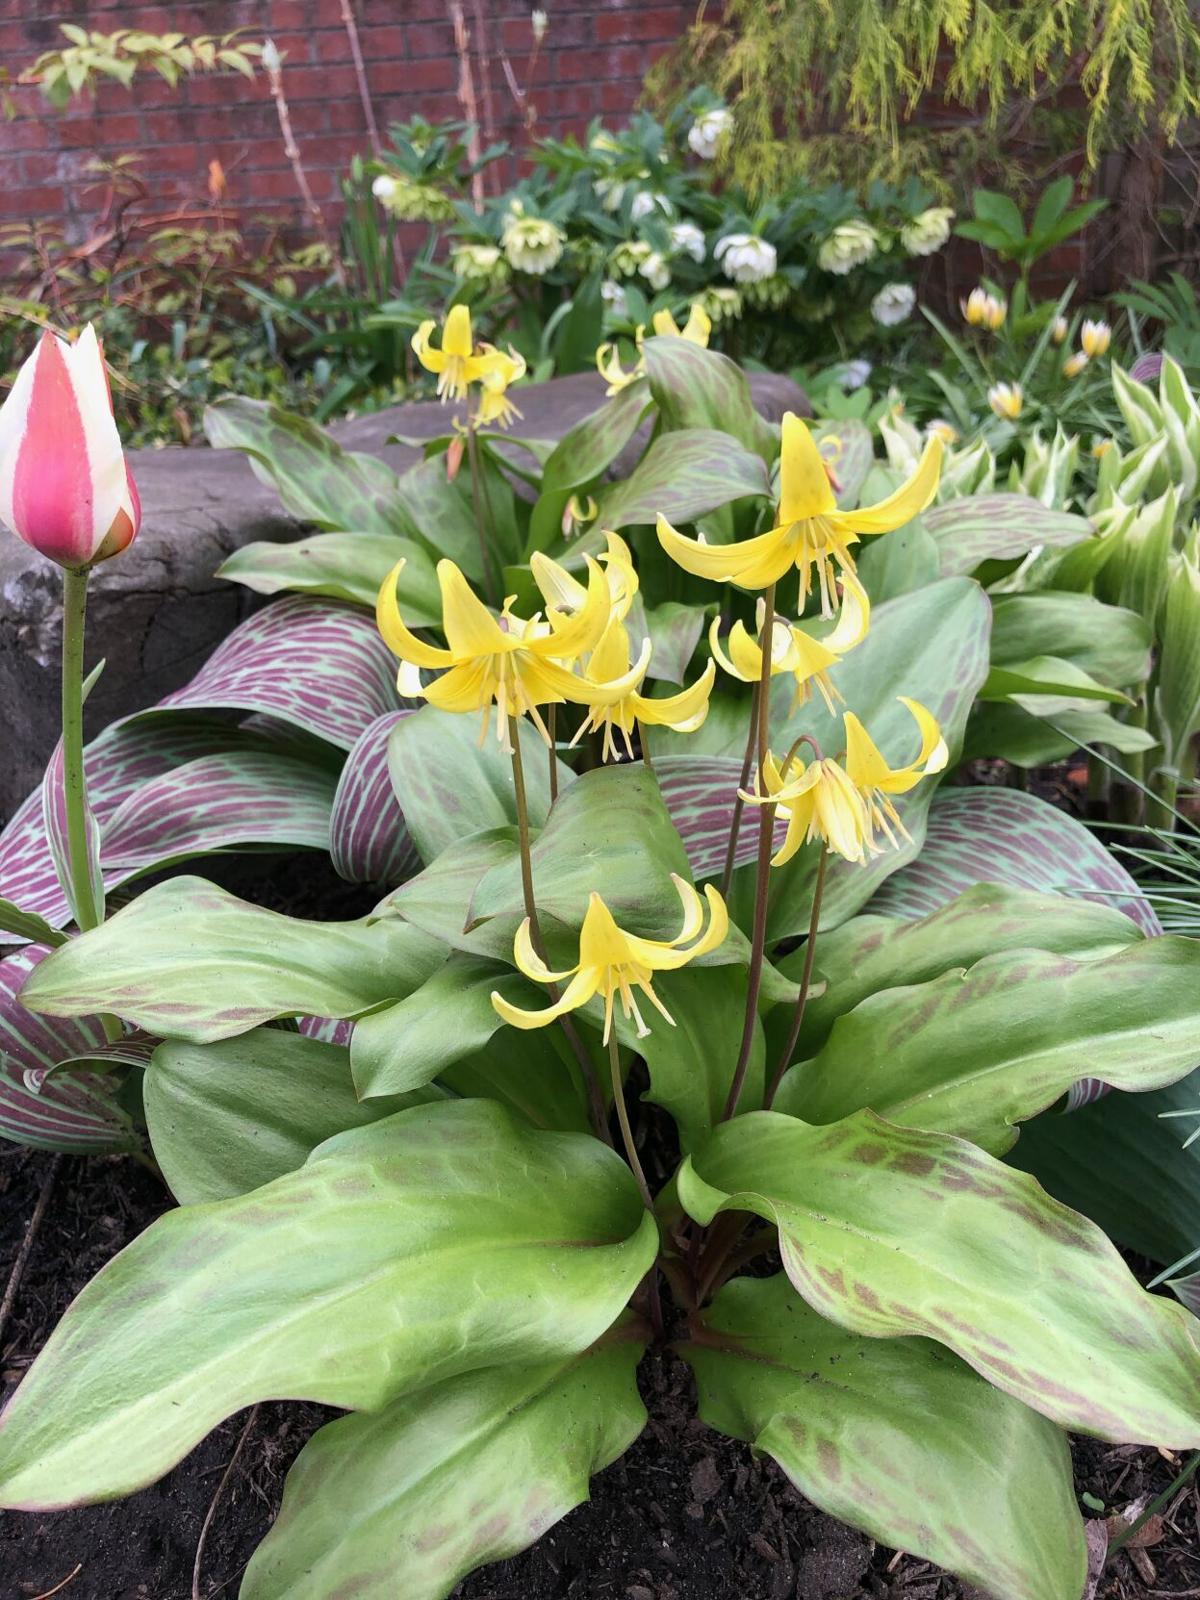 Garden where you're planted, 5/4–11